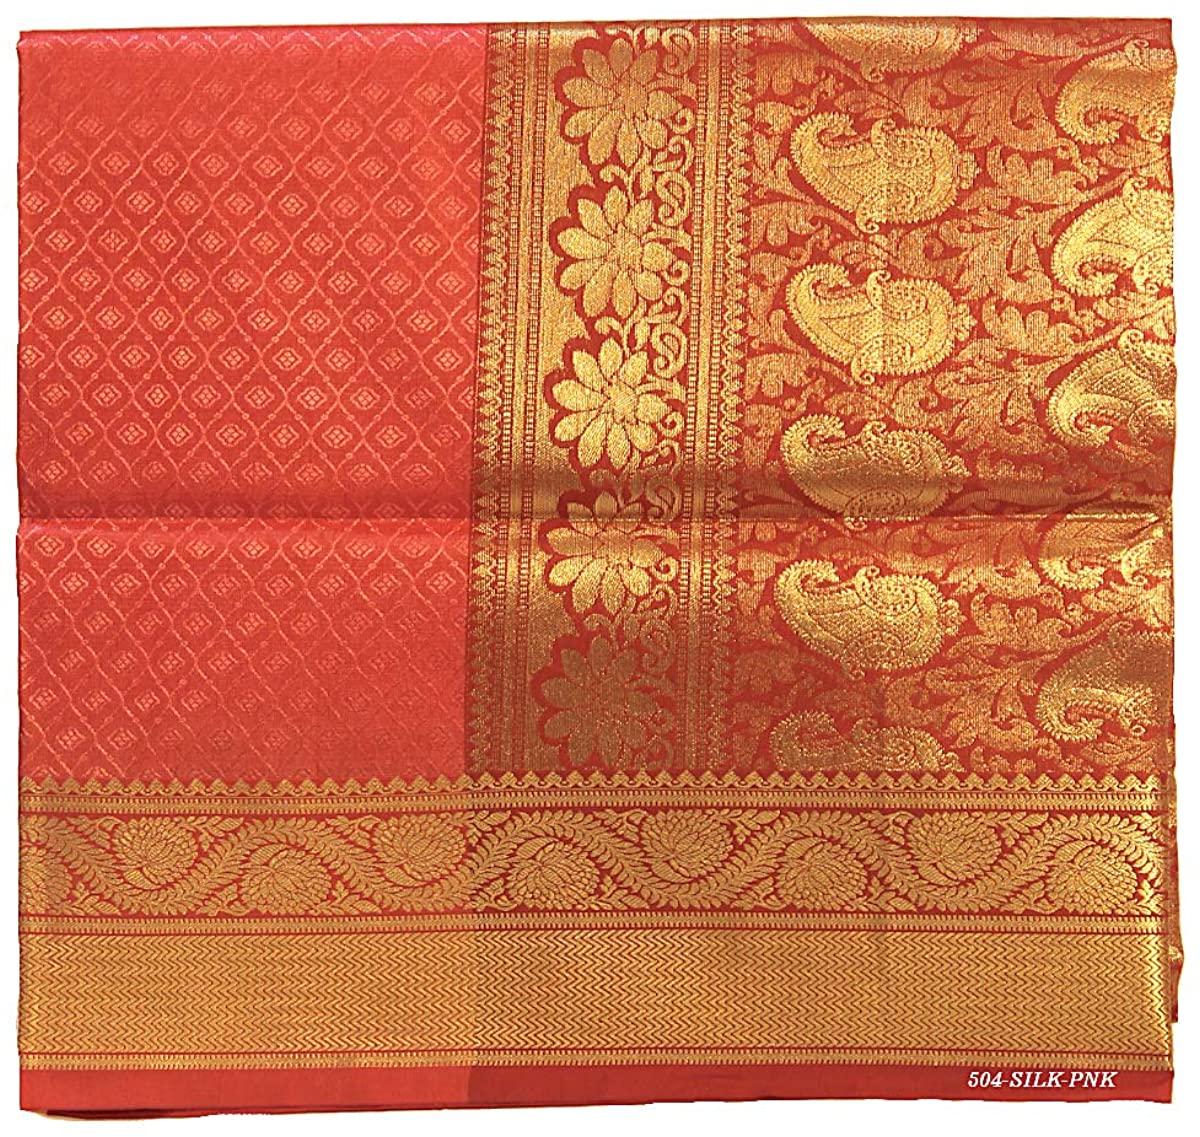 Pure Silk Saree for Women Kanchipuram Kanjivaram Pattu Sari Handloom Banarasi Silk Tussar Silk Mysore Silk Pink